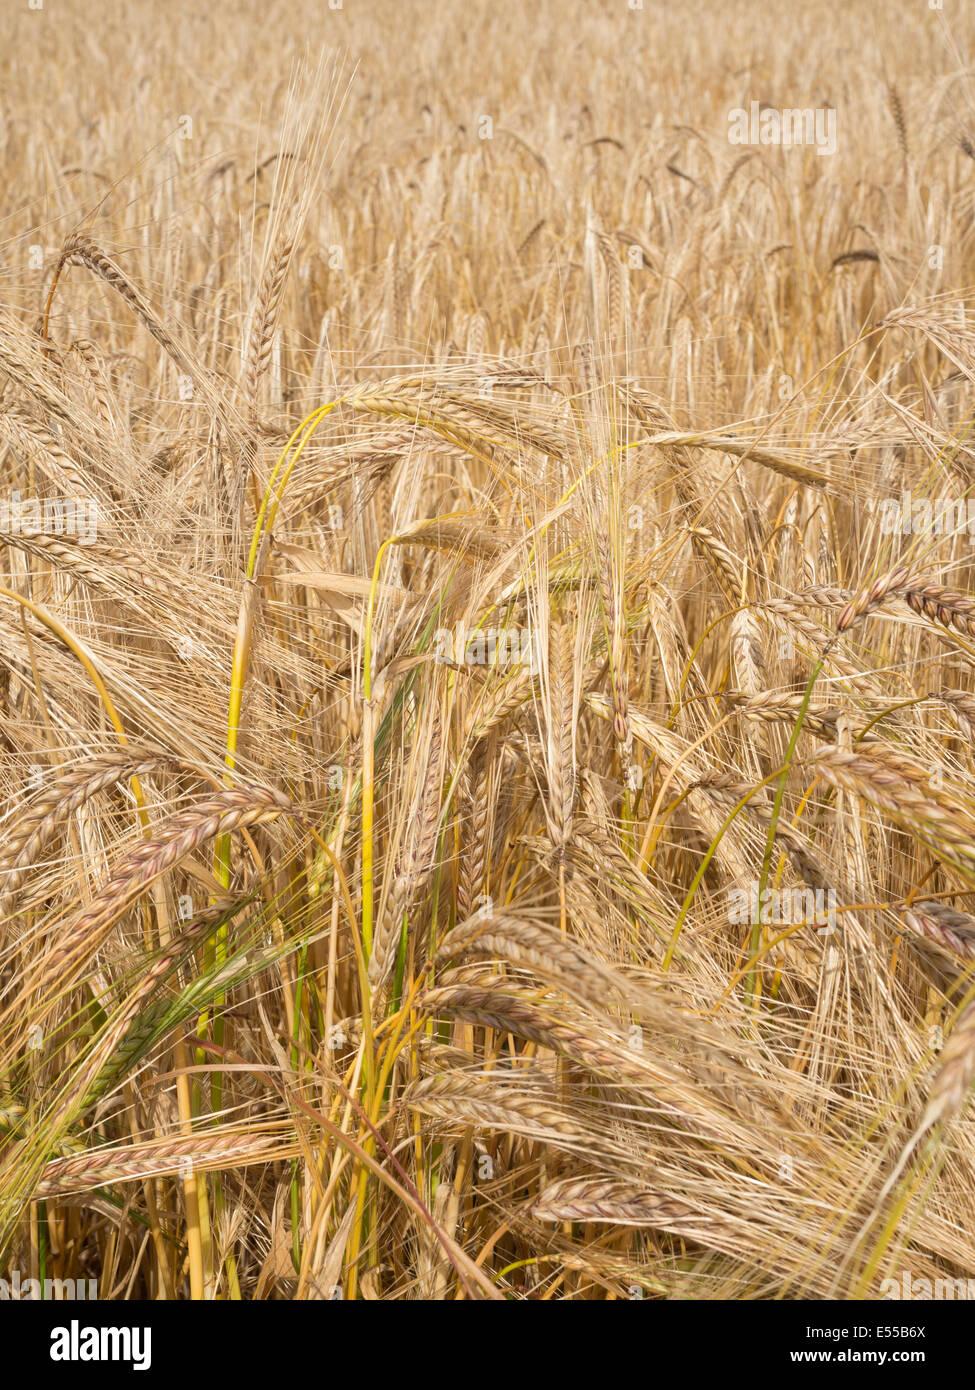 La cebada crece en un campo Imagen De Stock